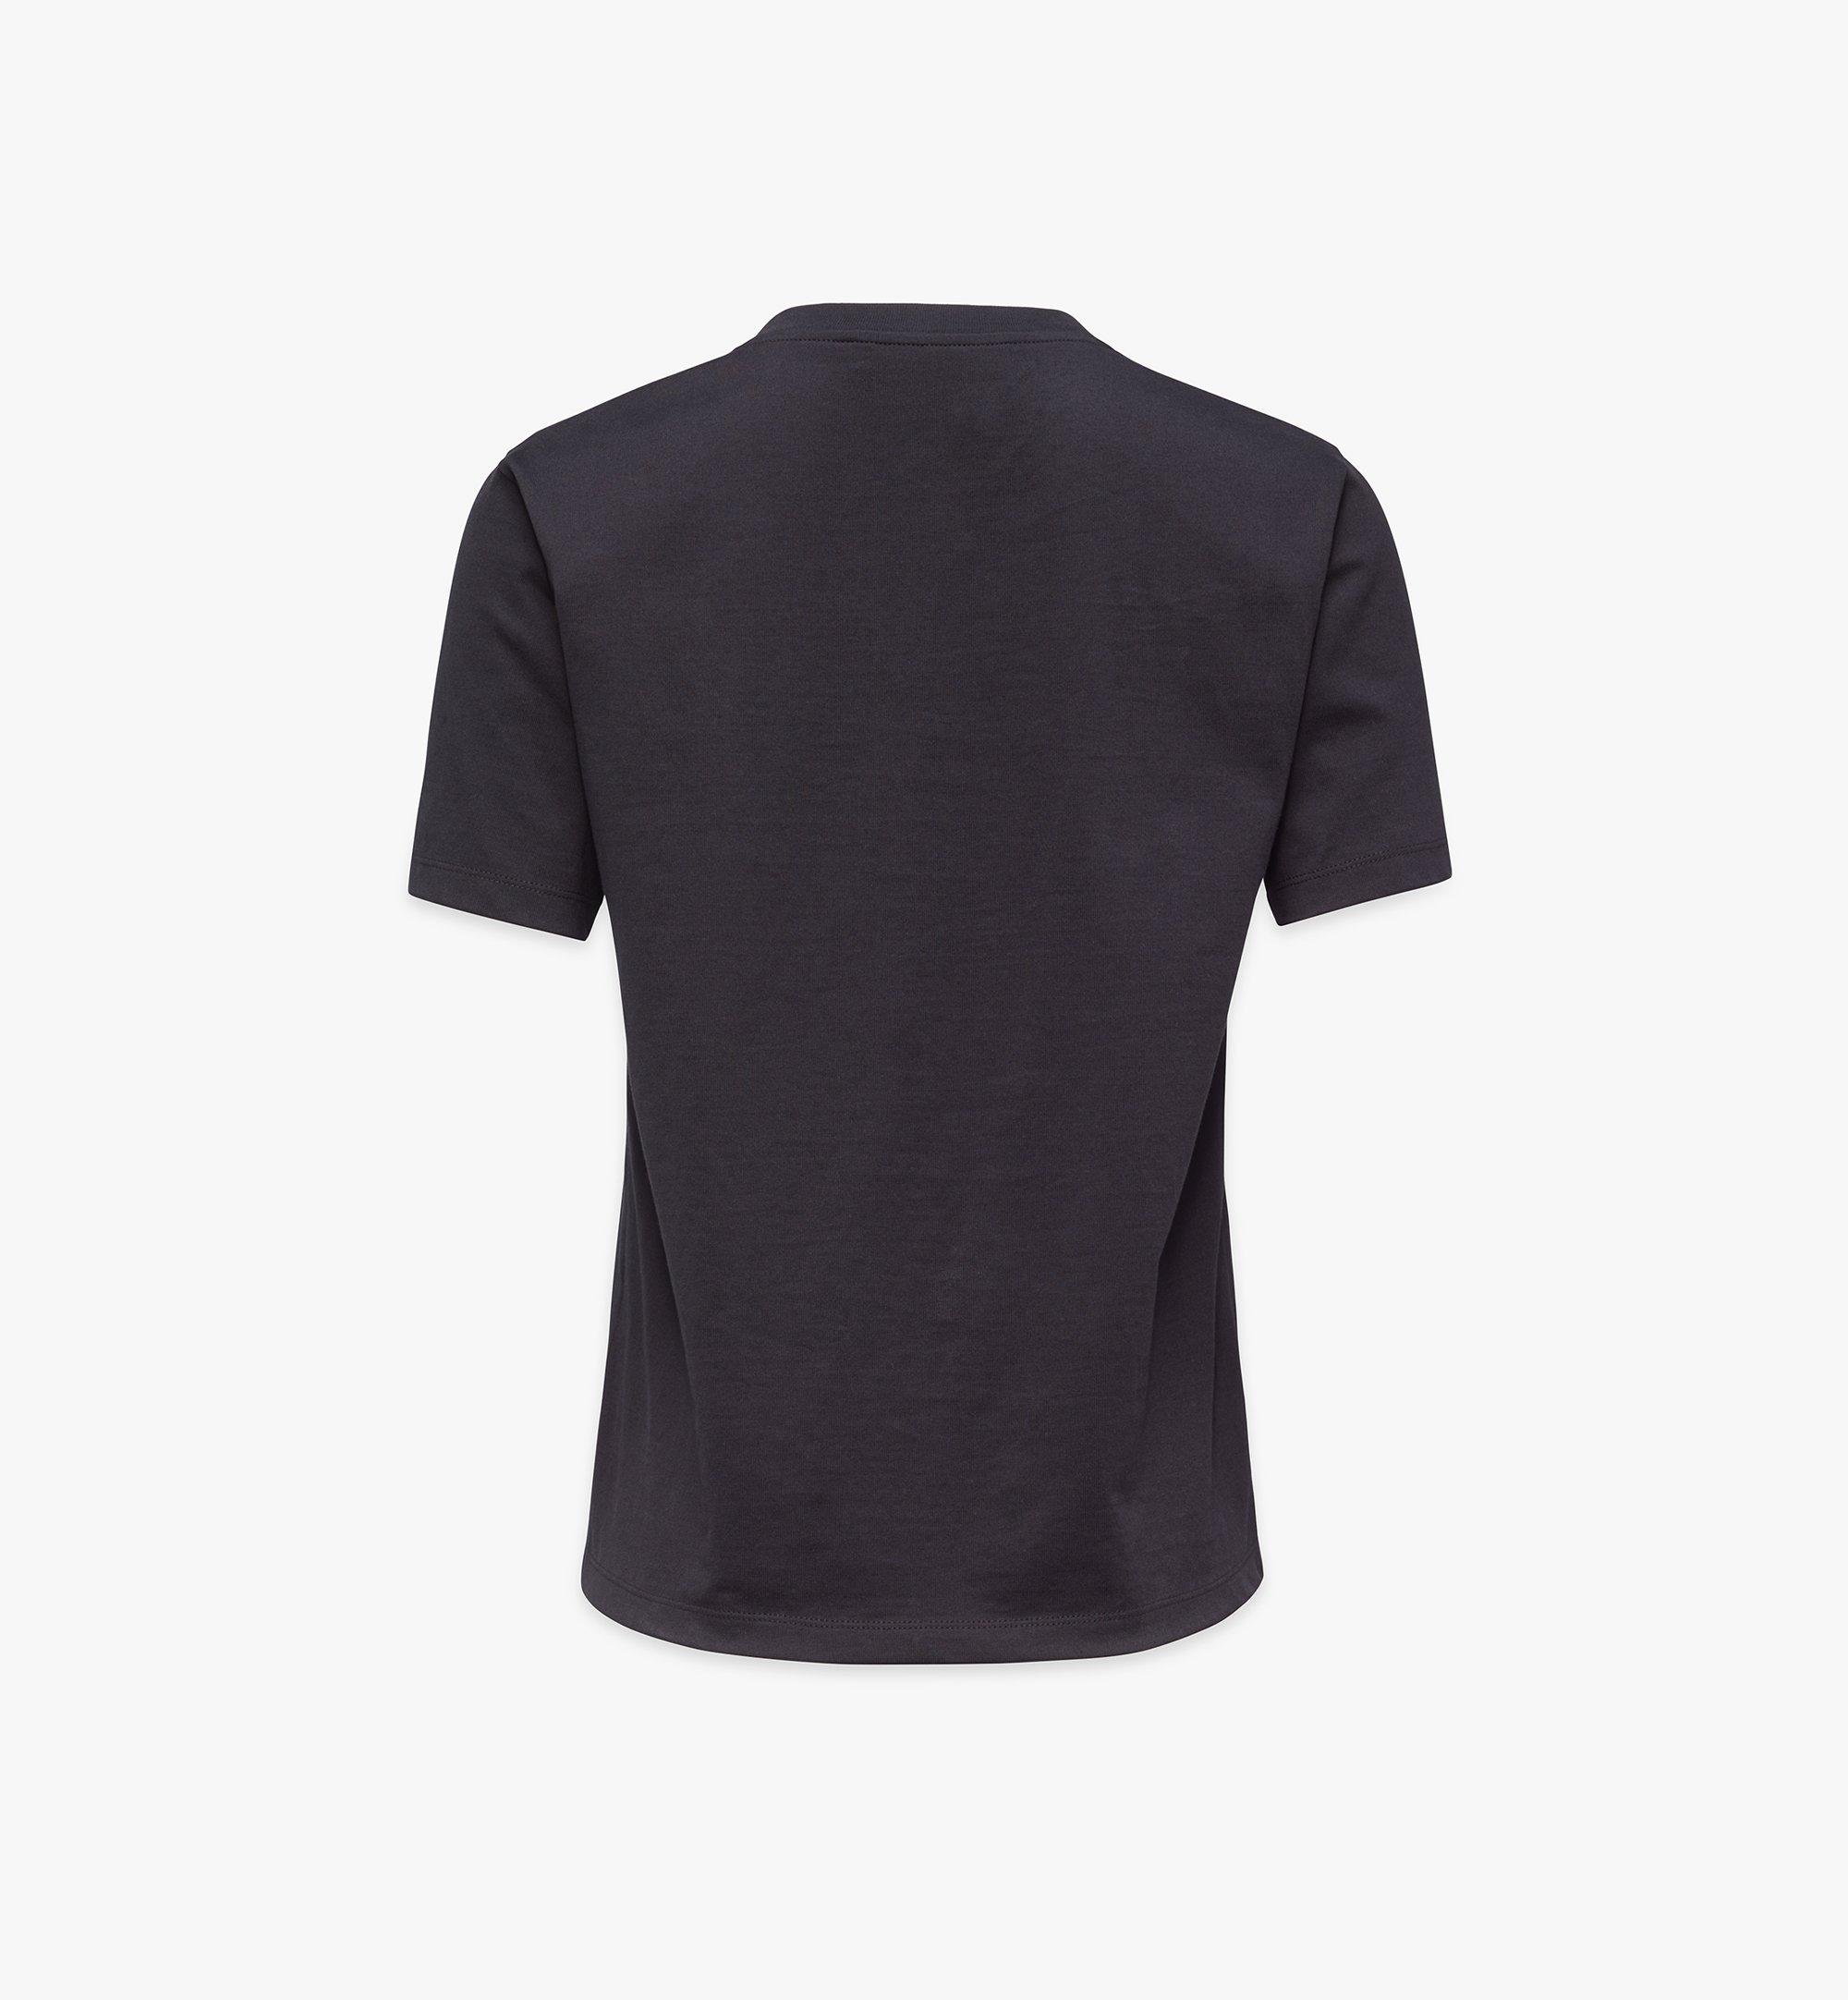 MCM 女士 Geo 月桂 T 恤 Black MFTBSMM05BK00L 更多視圖 1